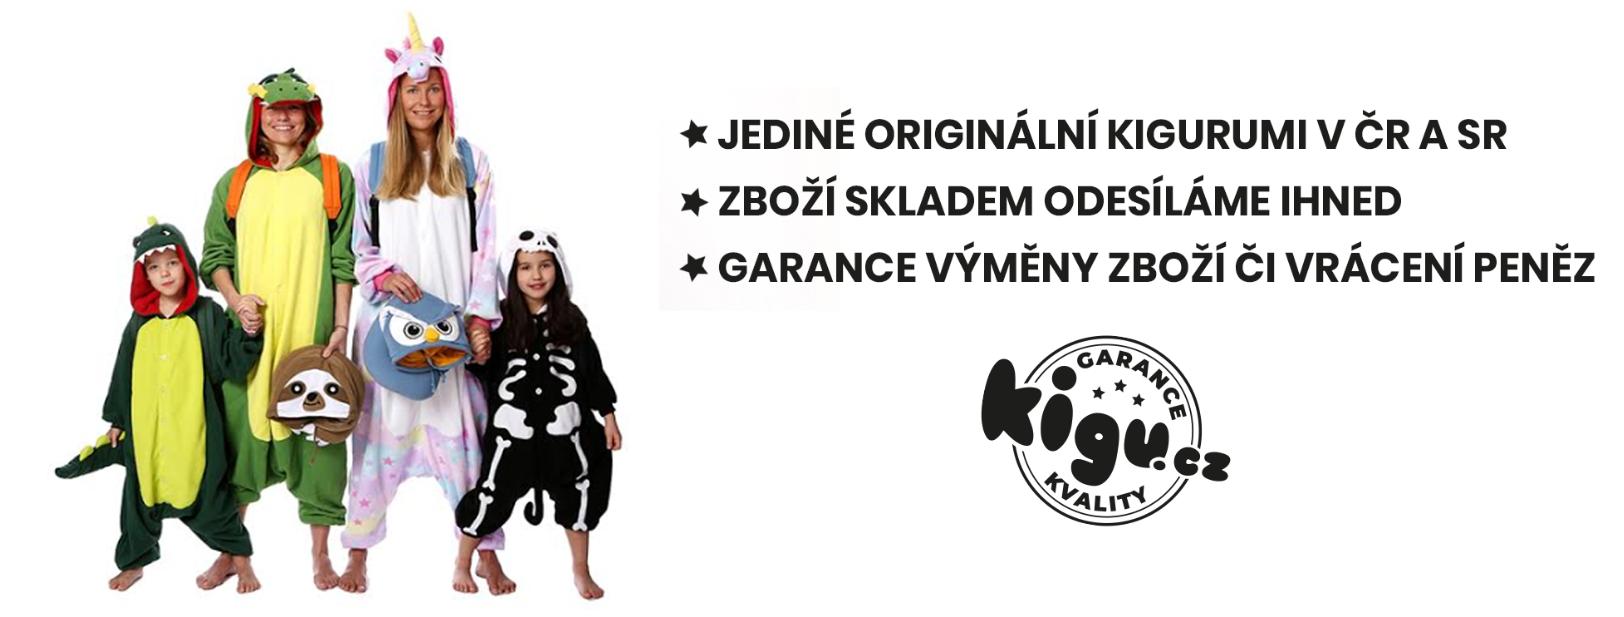 Produkty_1 kigu.cz